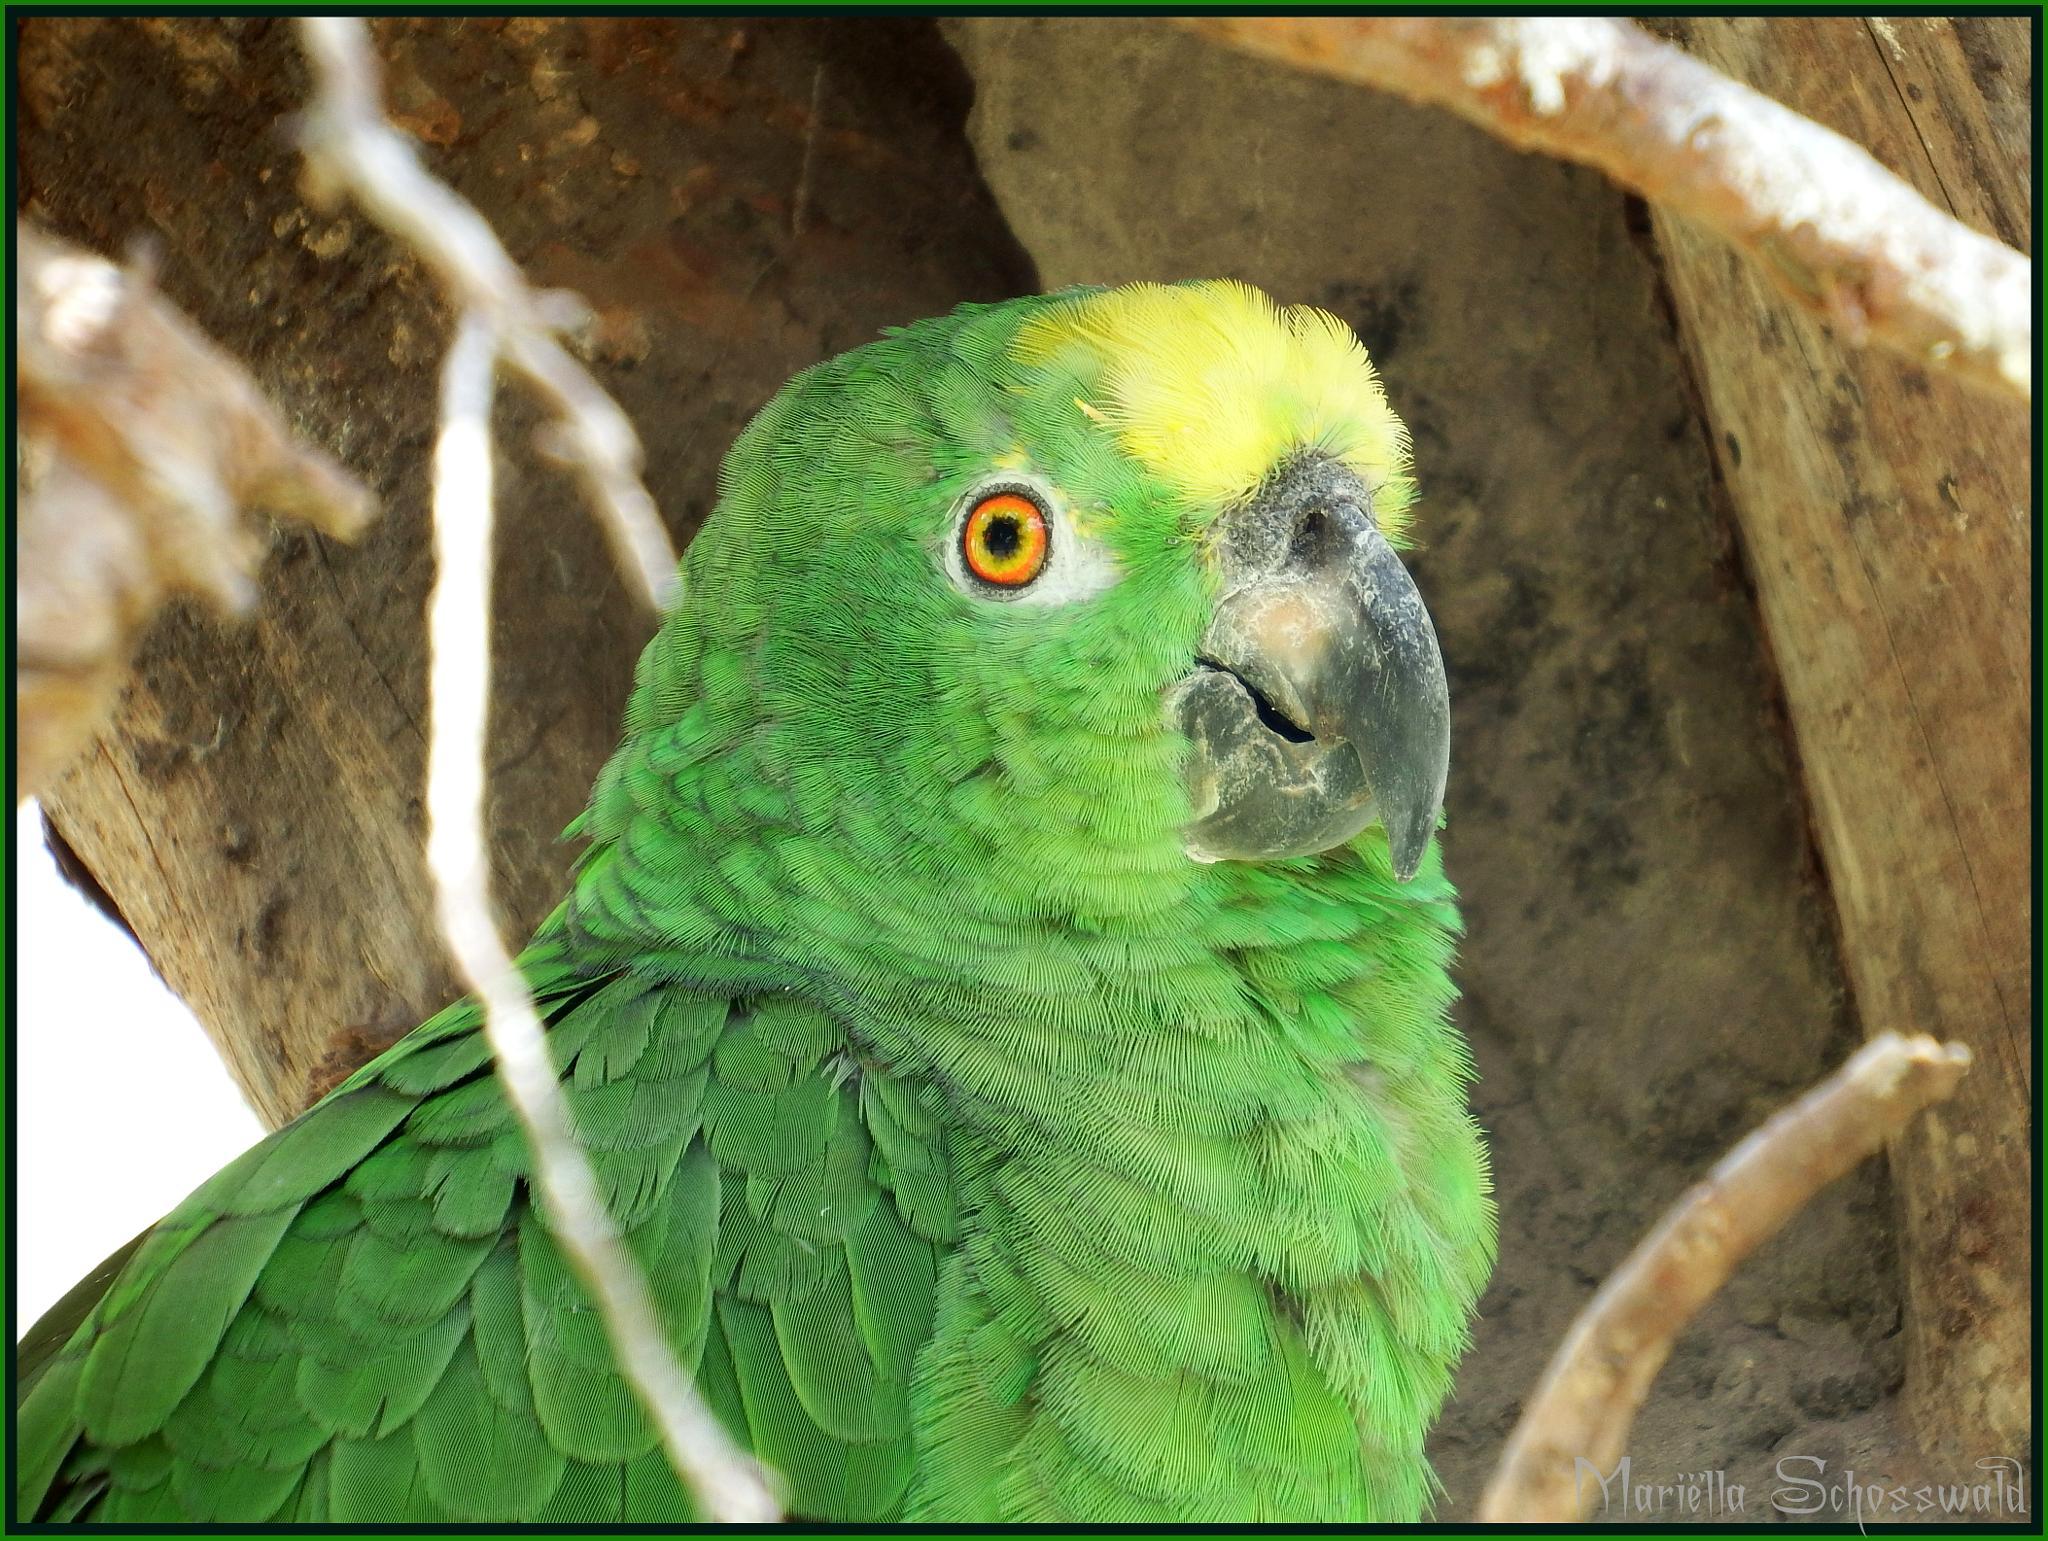 parrot by Mariëlla van der Lans-Schosswald